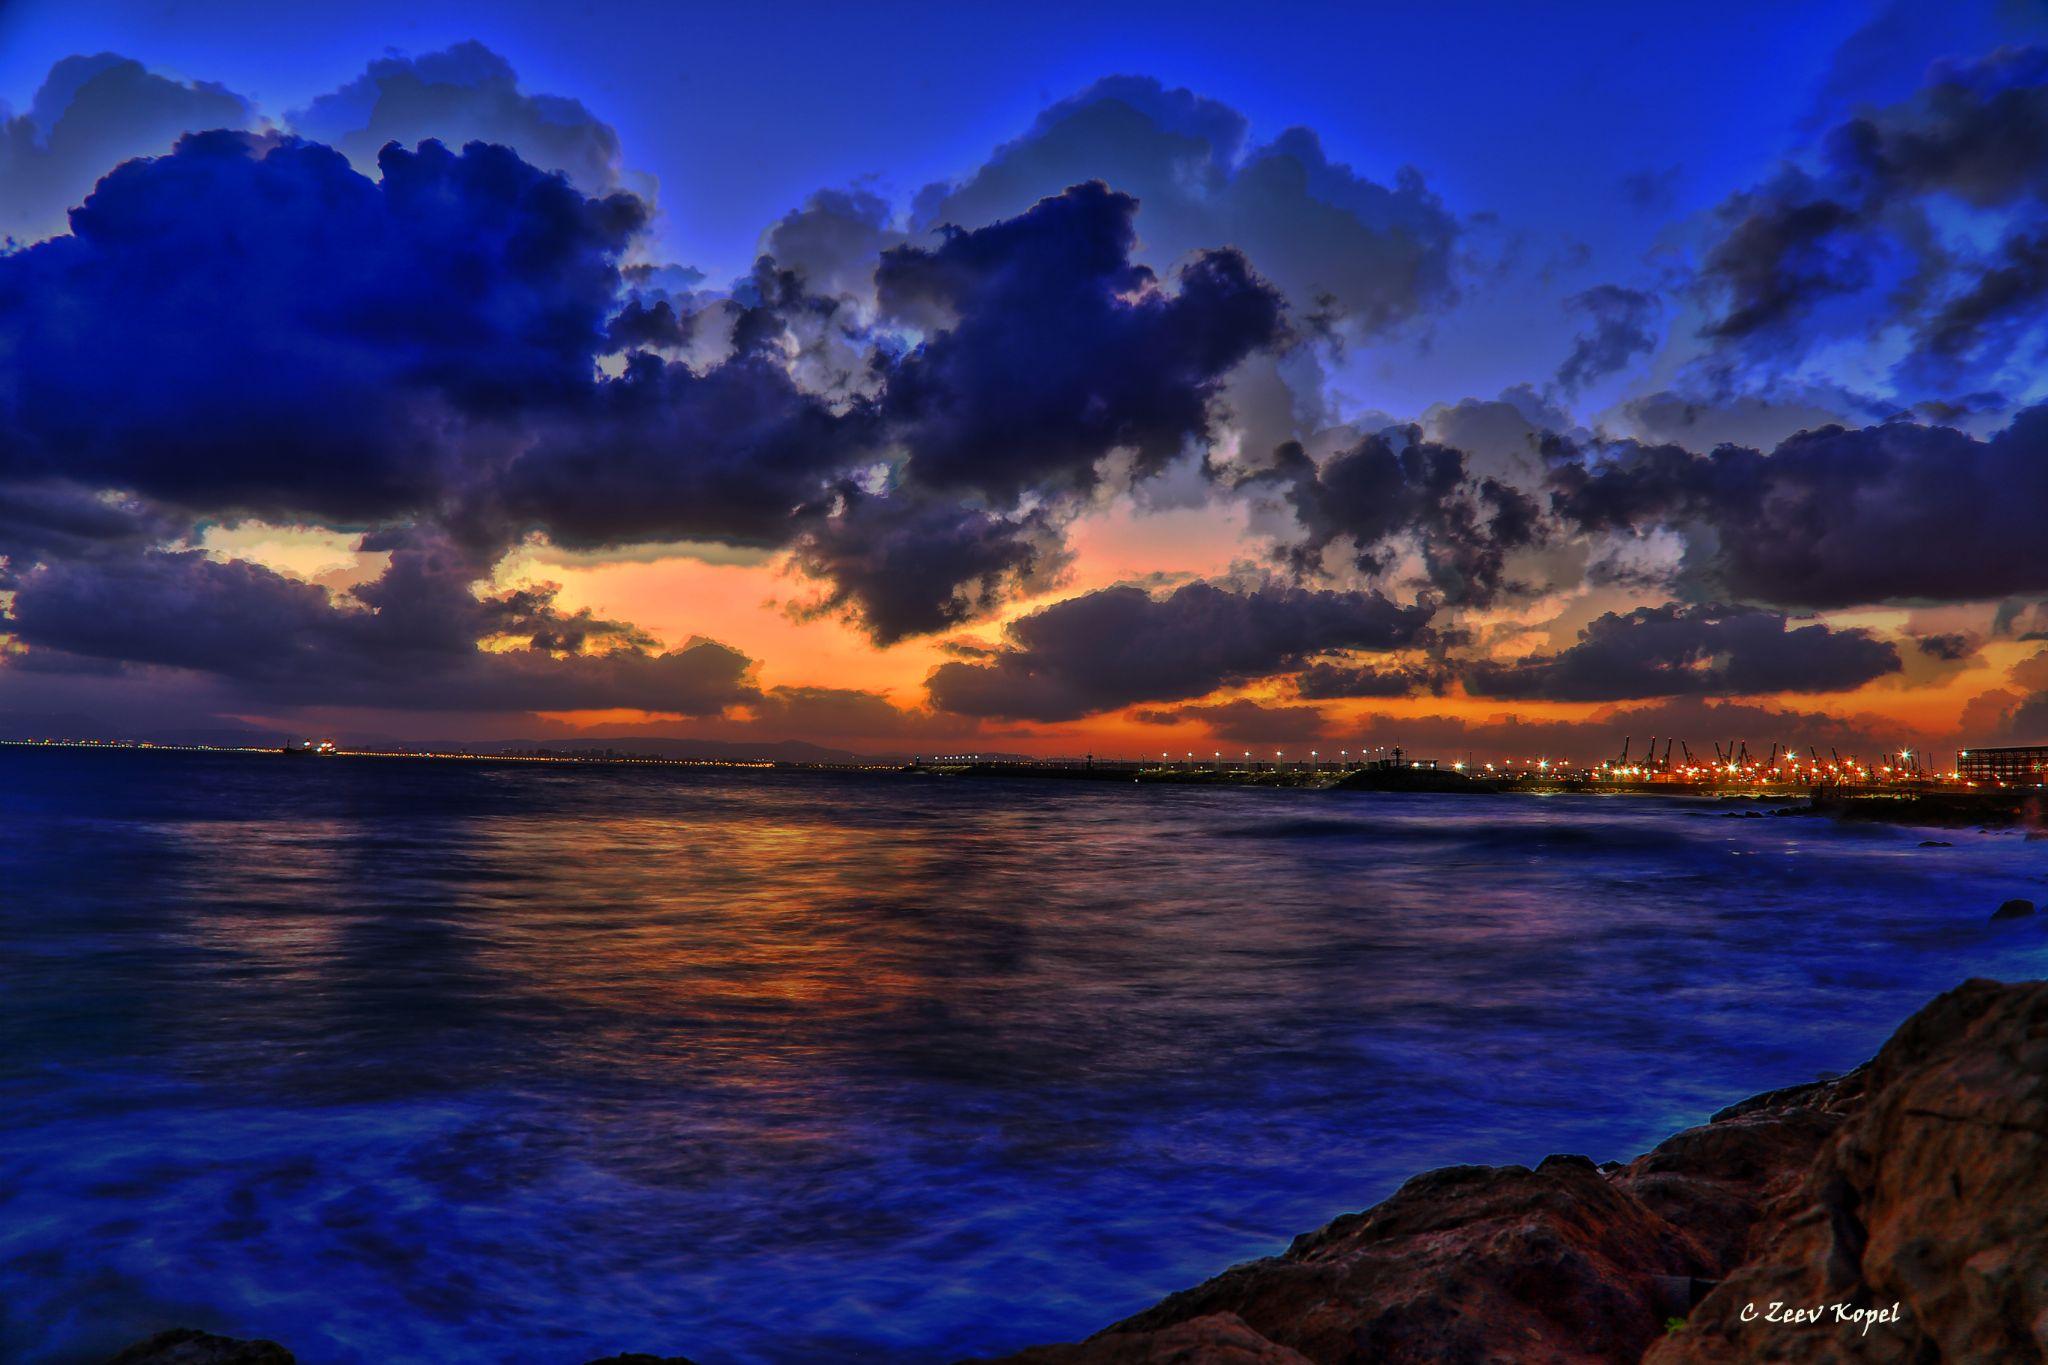 Haifa beach before sunrise-HDR by zfkopel